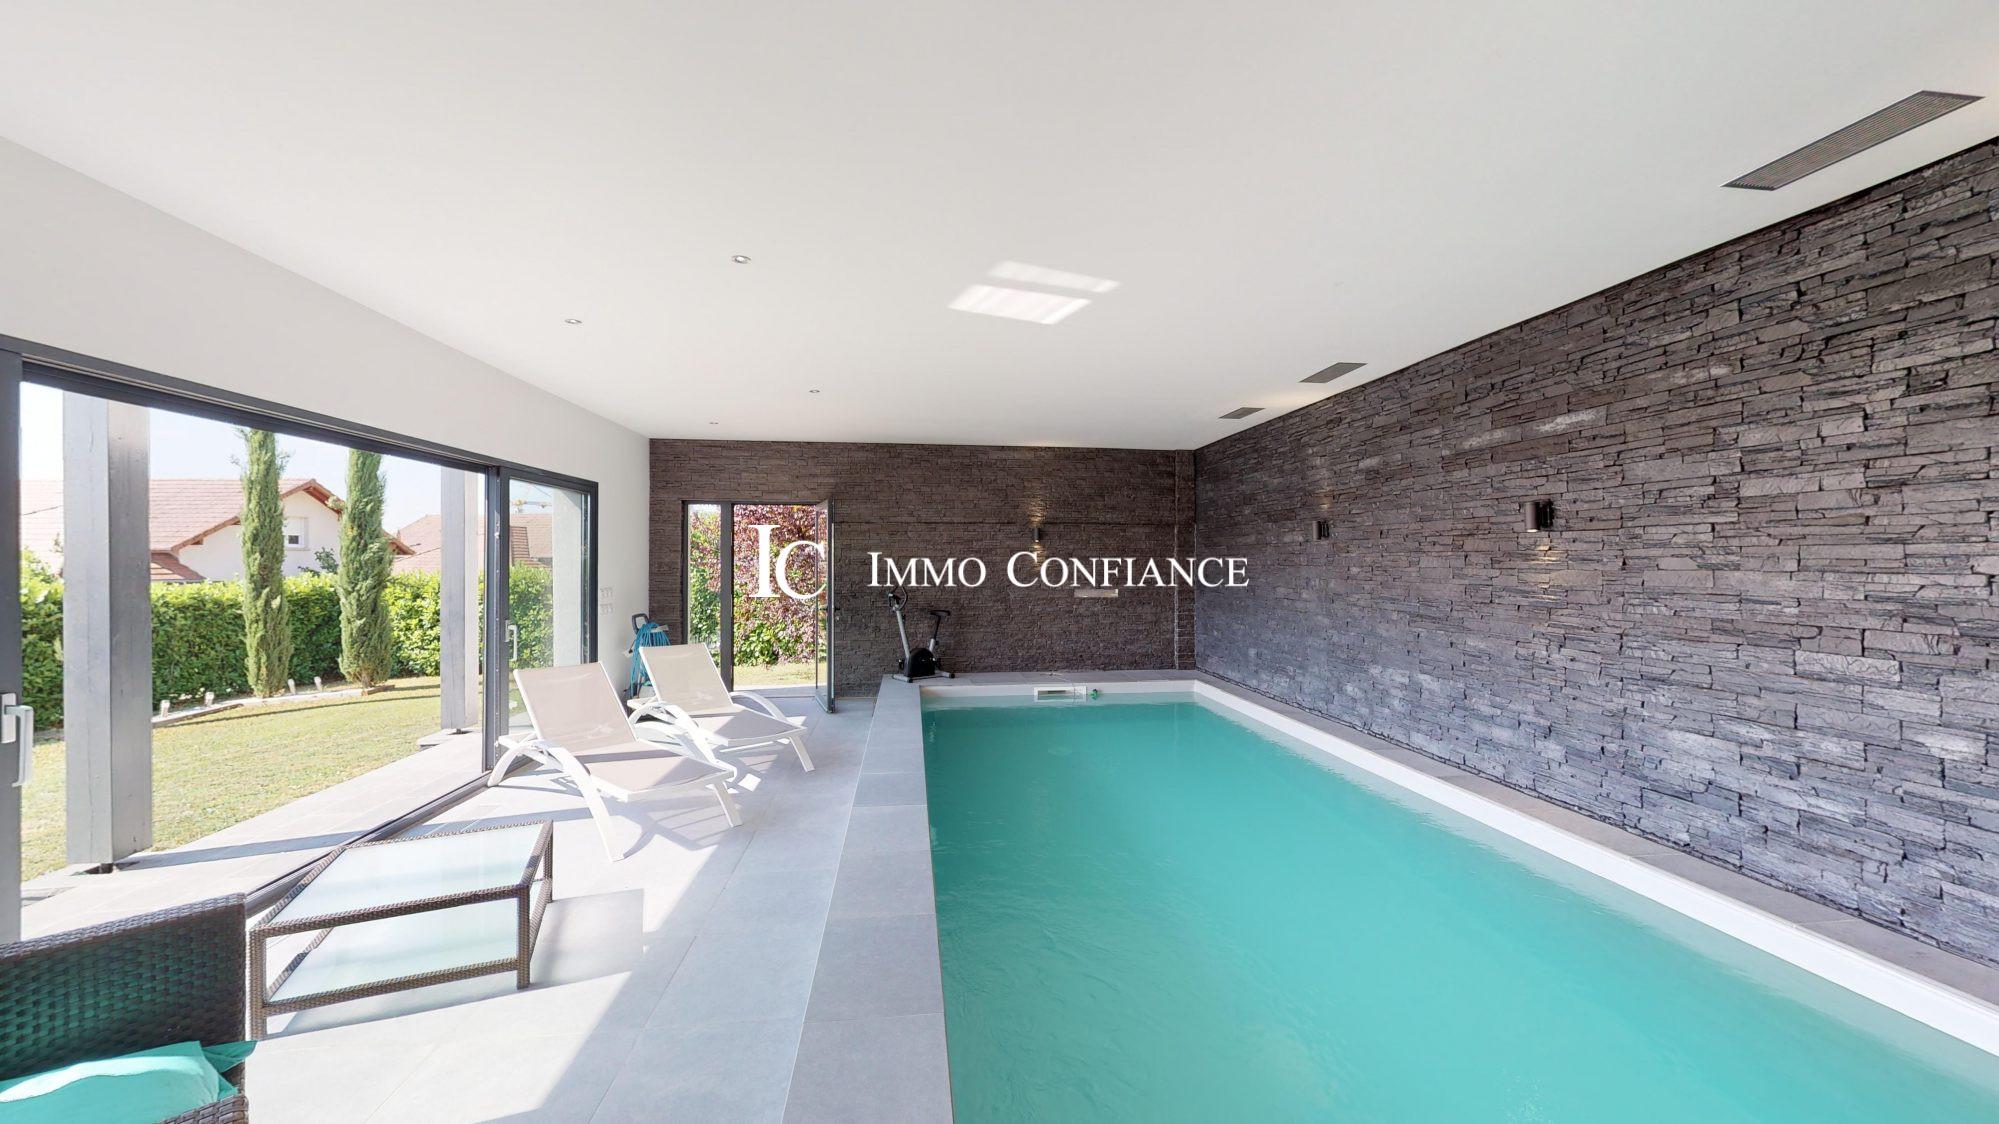 Maison Contemporaine Crozet (Pays De Gex) 246.01 M² intérieur Piscine Intérieure Maison